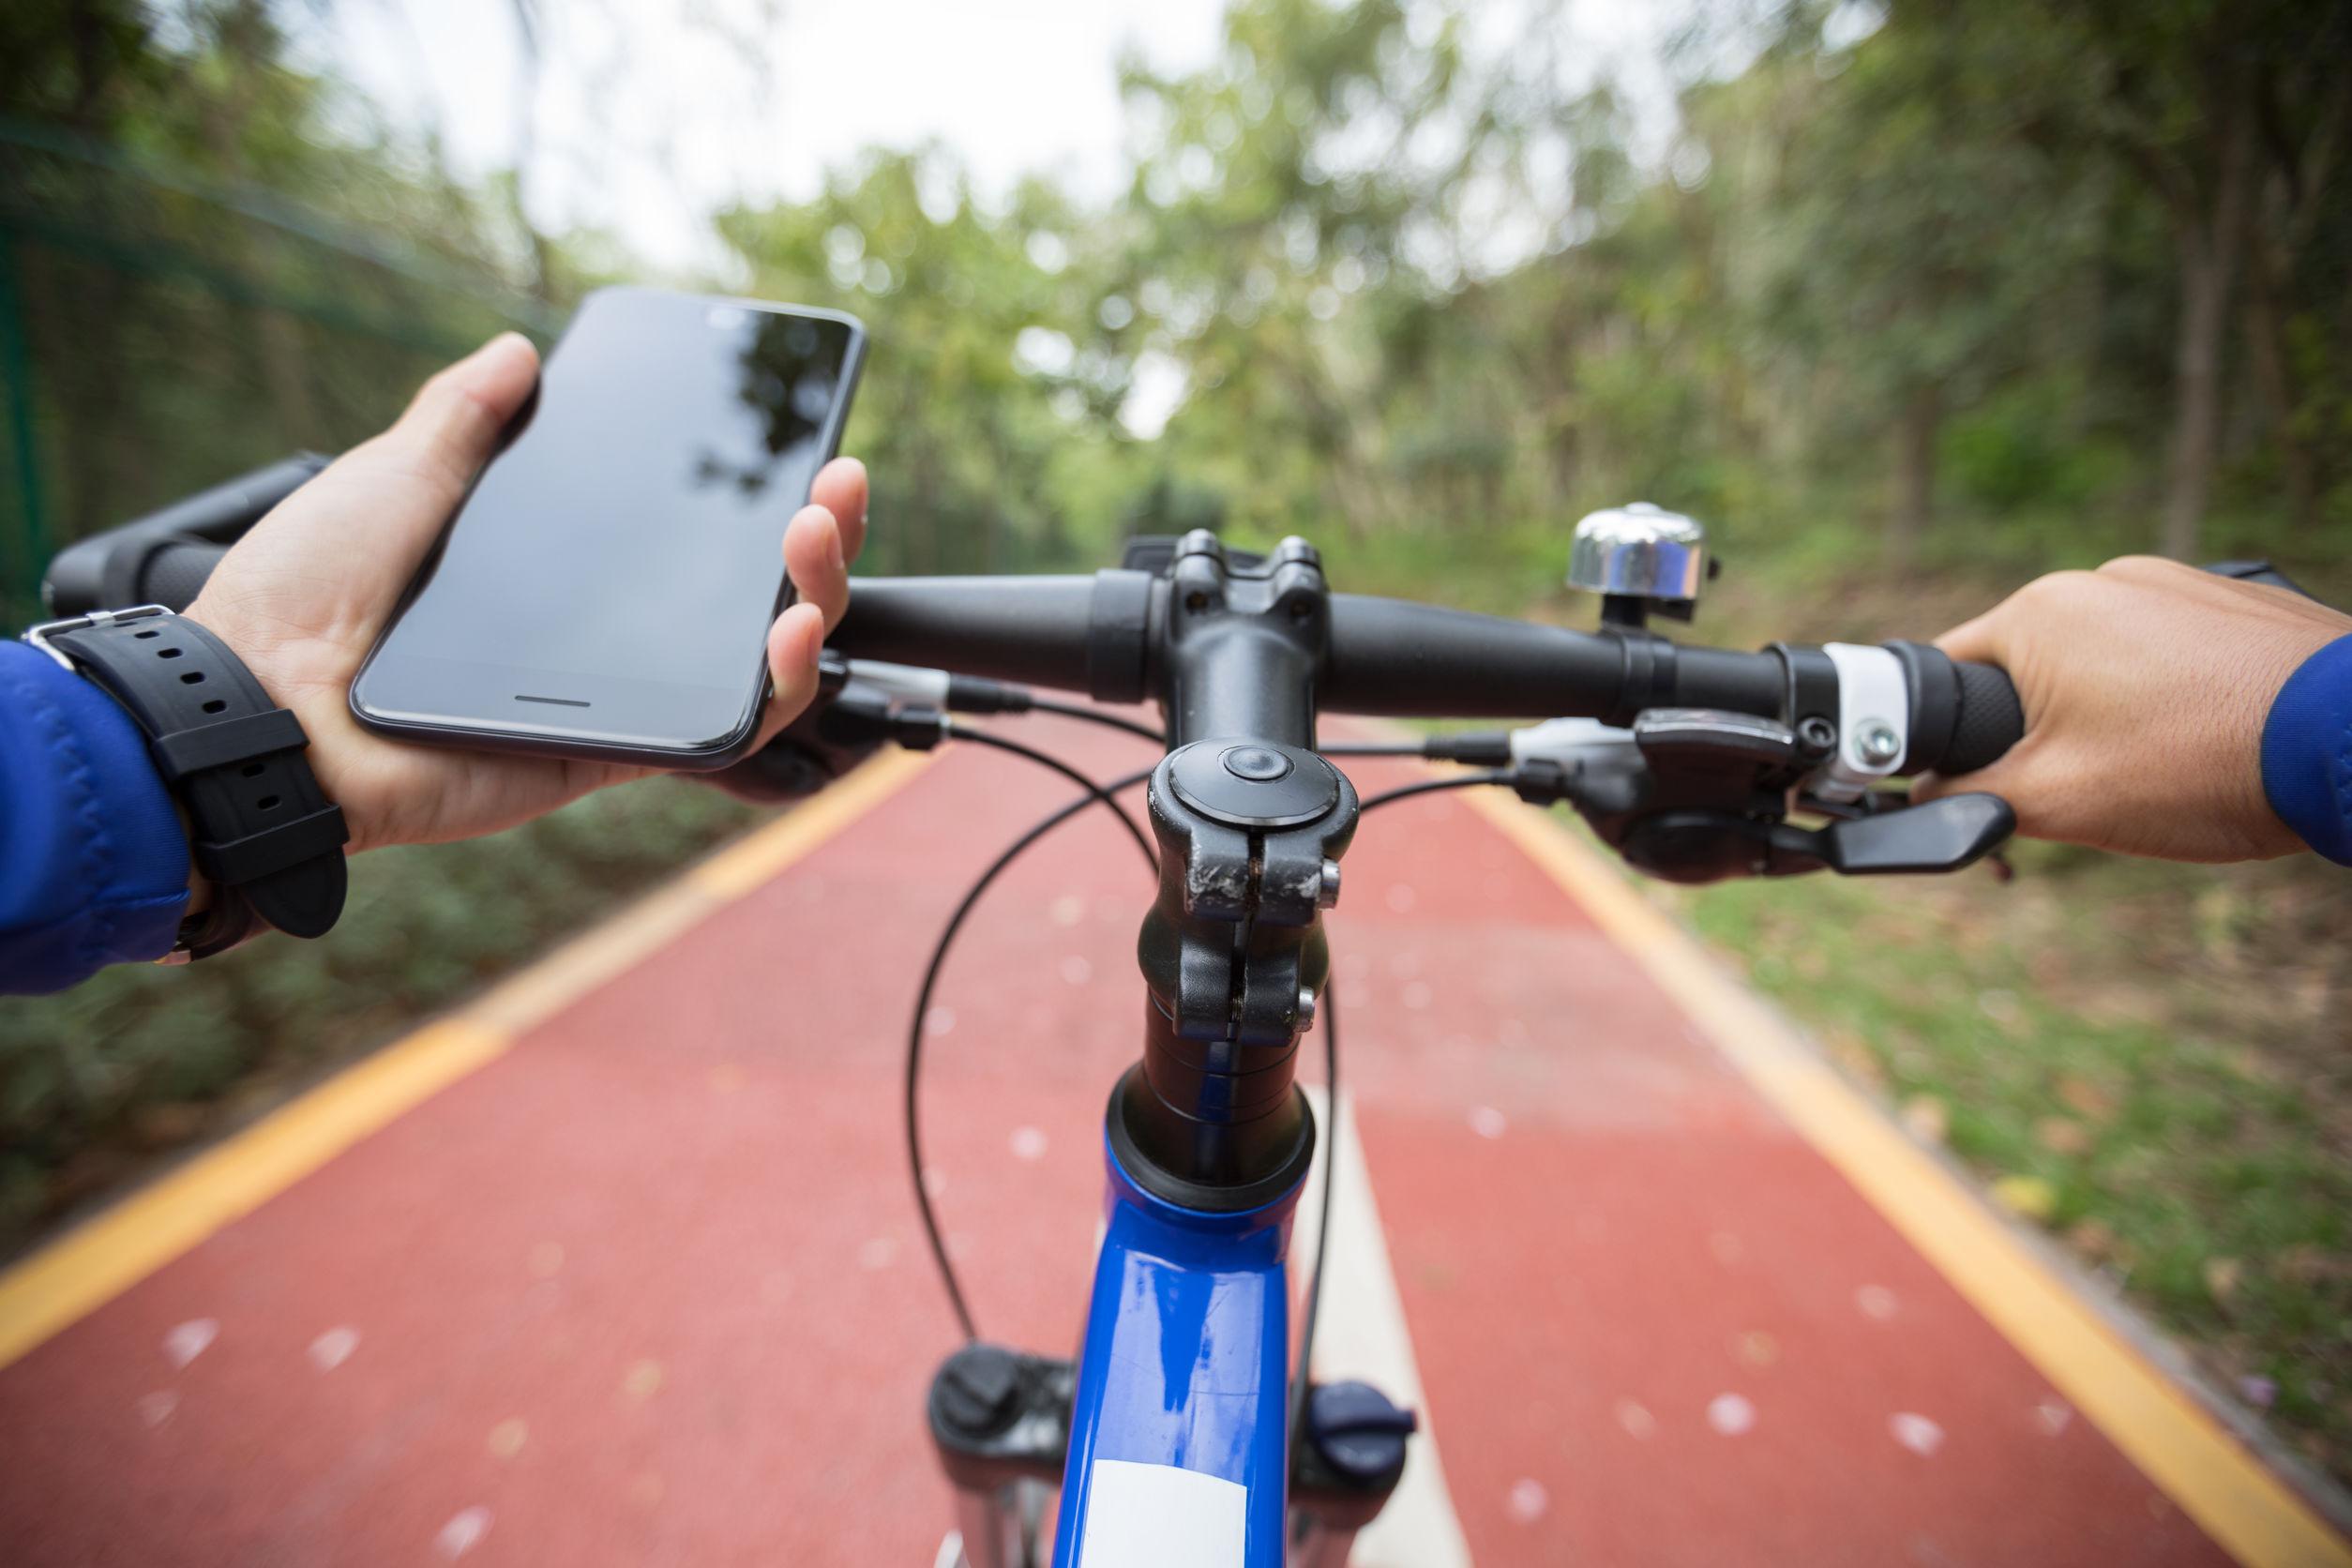 Handyhalter fürs Fahrrad: Test & Empfehlungen (03/21)